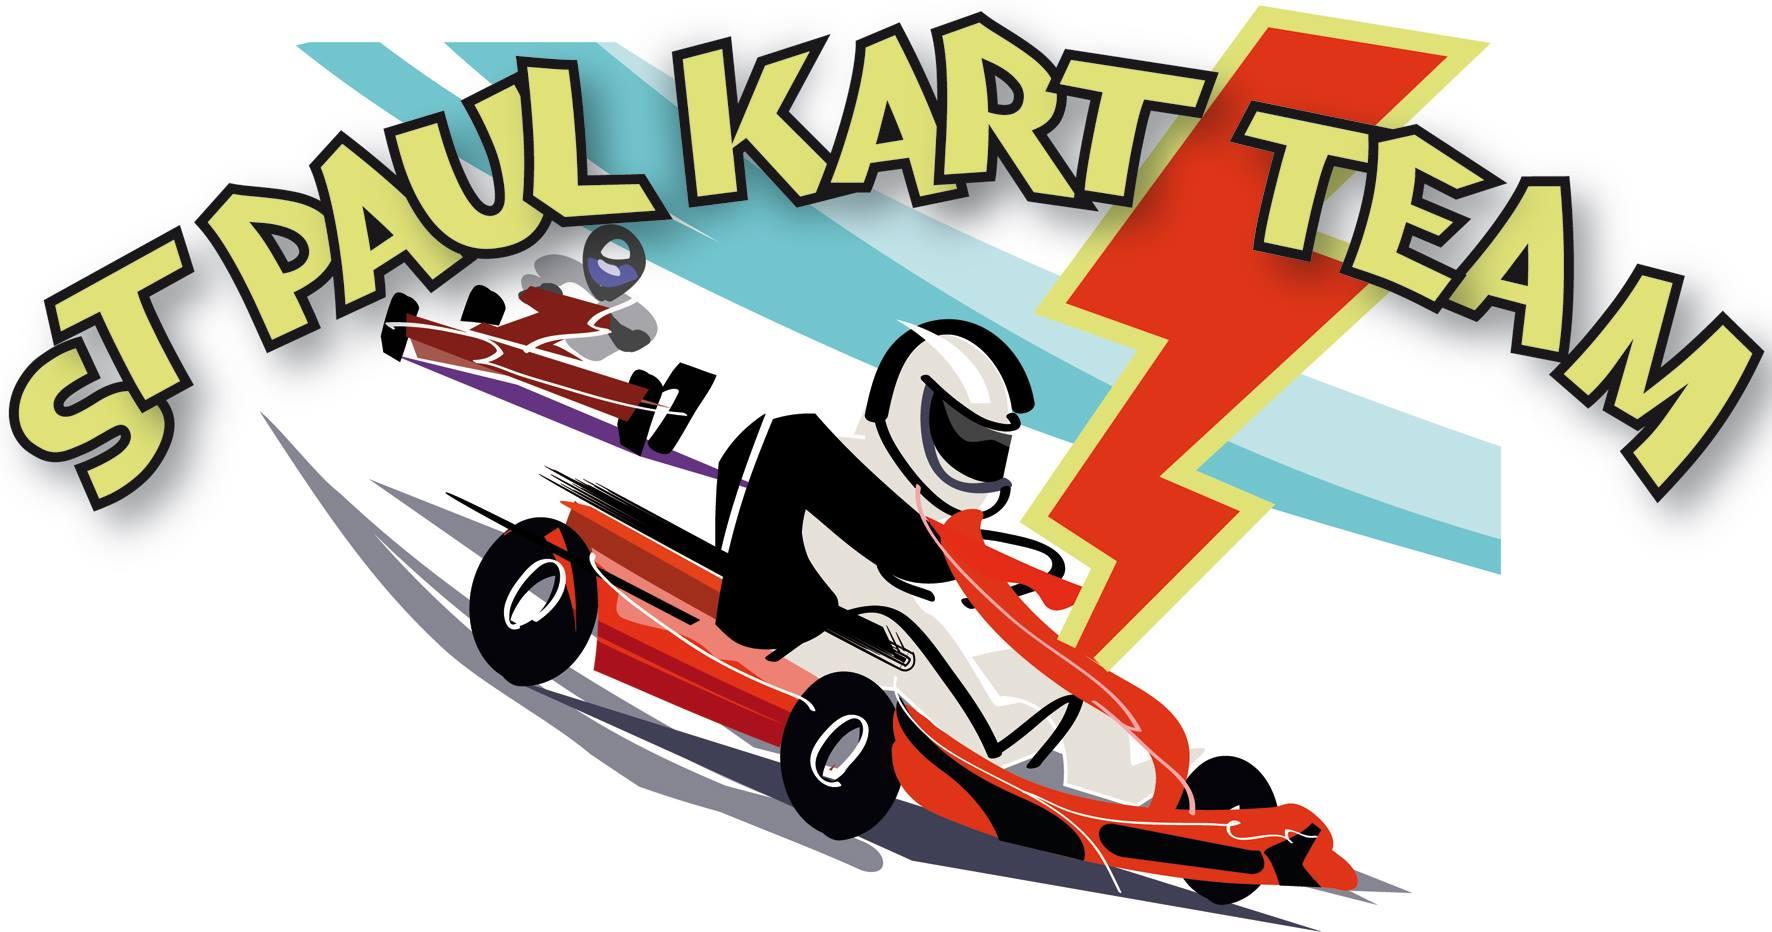 Logo couleur partenaire St Paul Kart Team